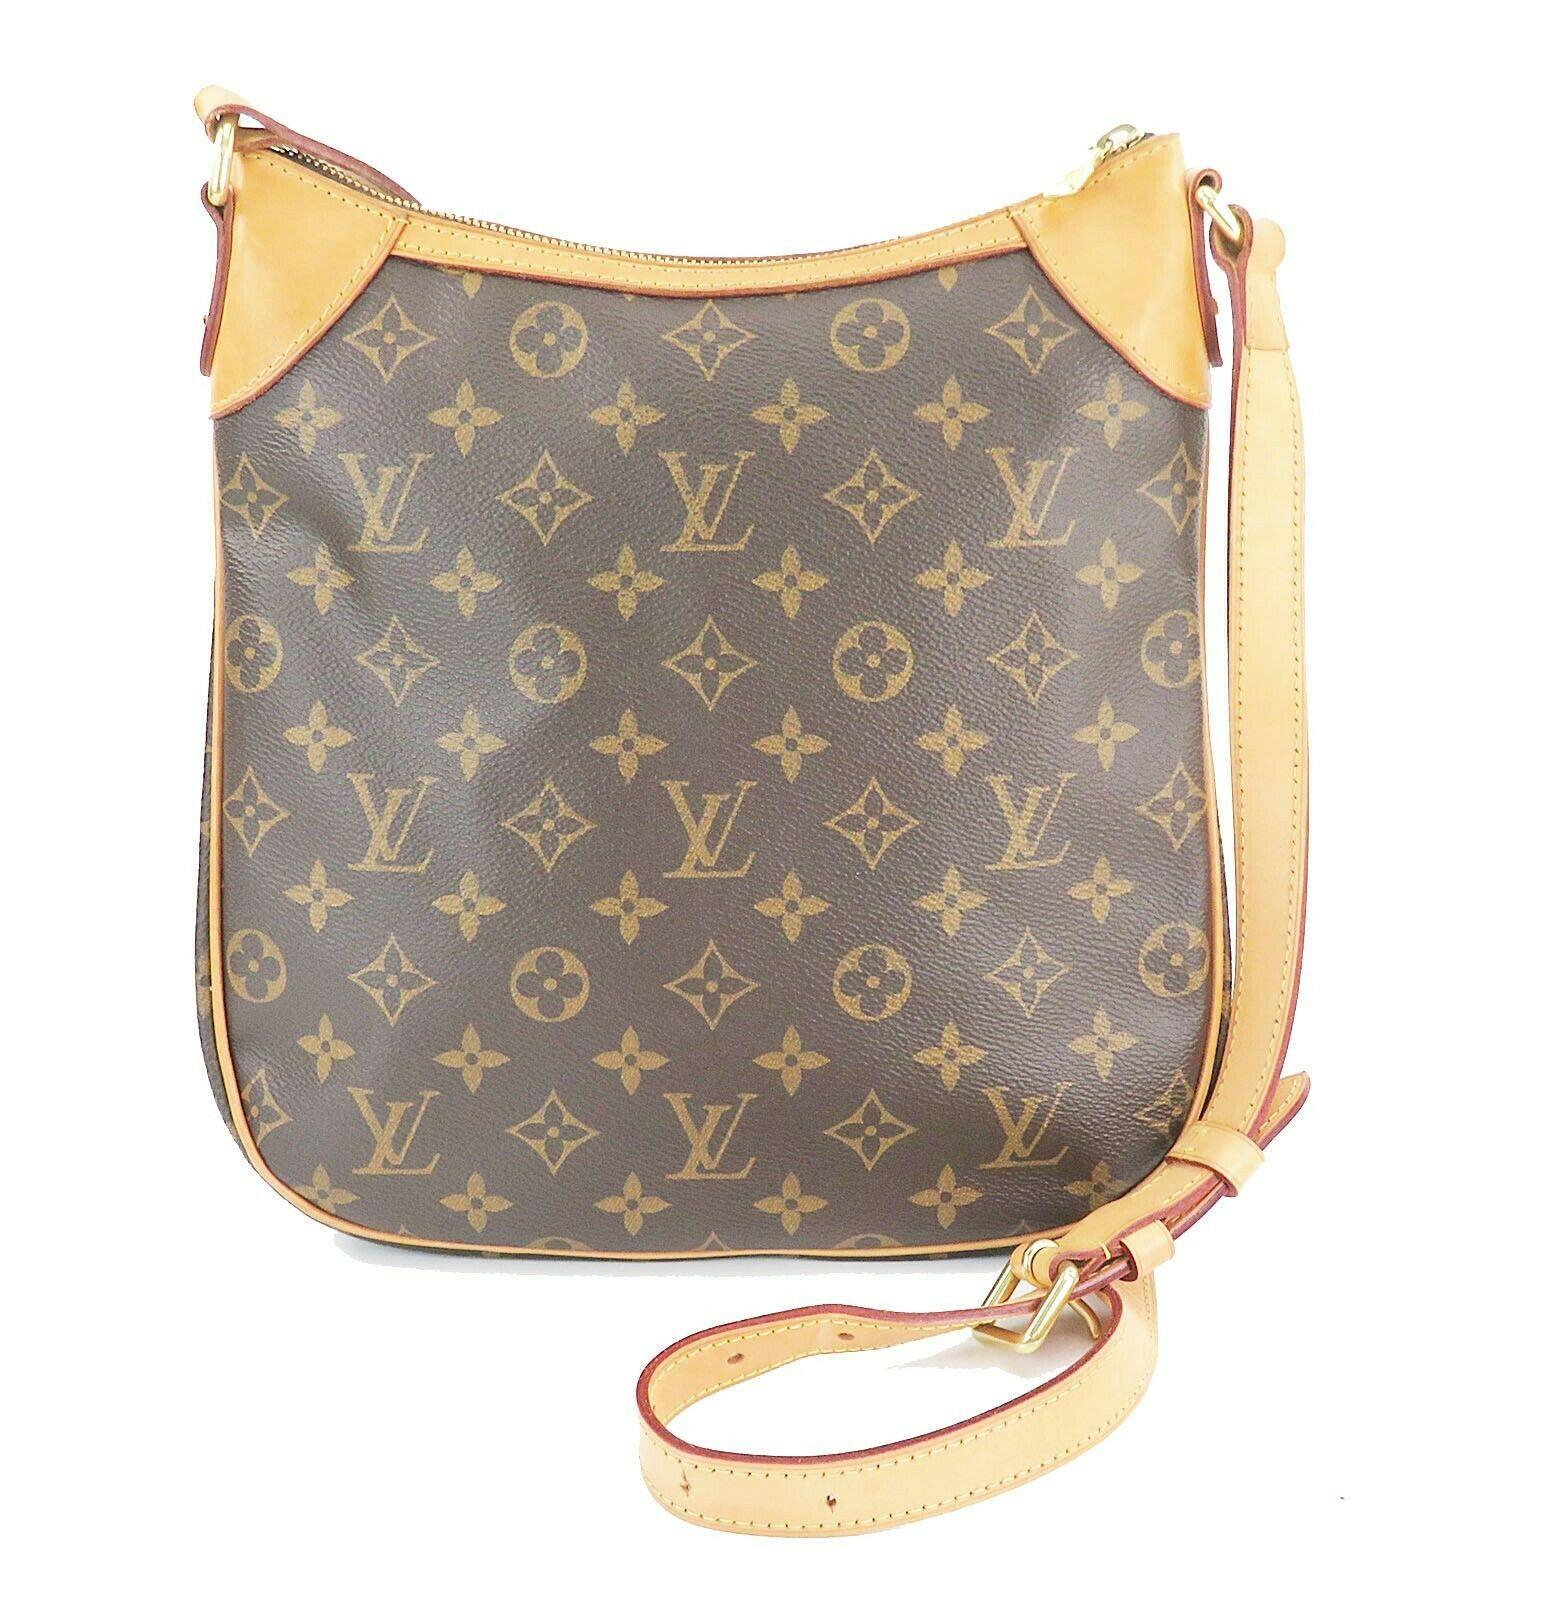 Authentic LOUIS VUITTON Odeon PM Monogram Shoulder Tote Bag Purse #32145 image 4